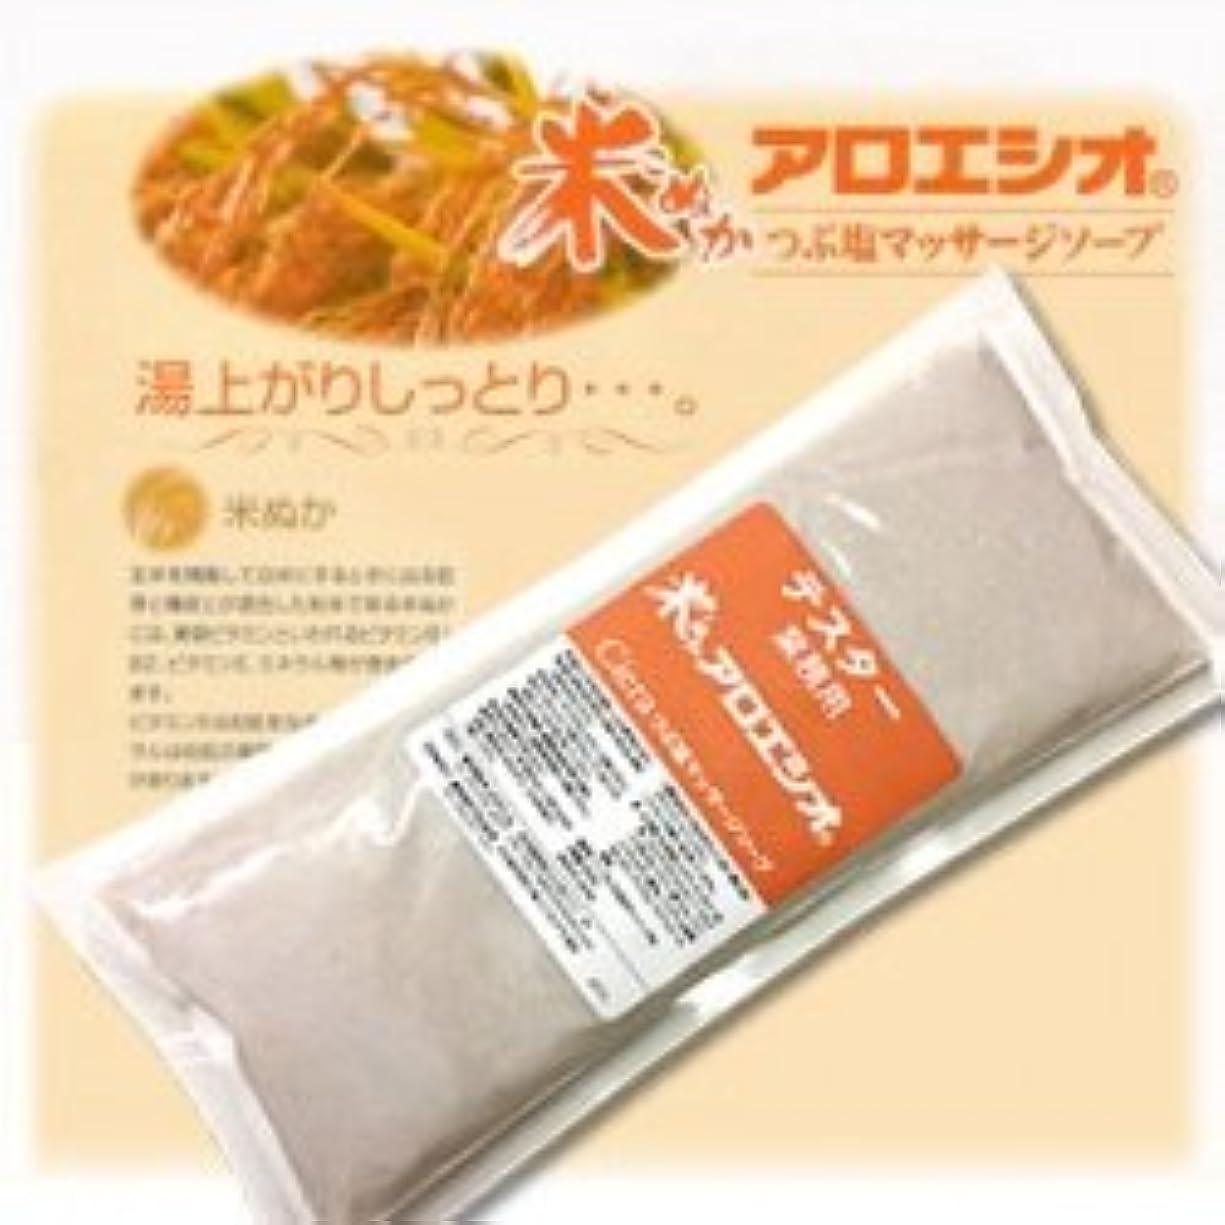 文言素晴らしい良い多くのキャンプ業務用米ぬかアロエ塩 800g つぶ塩マッサージソープ/ フタバ化学 アロエシオ Ciera